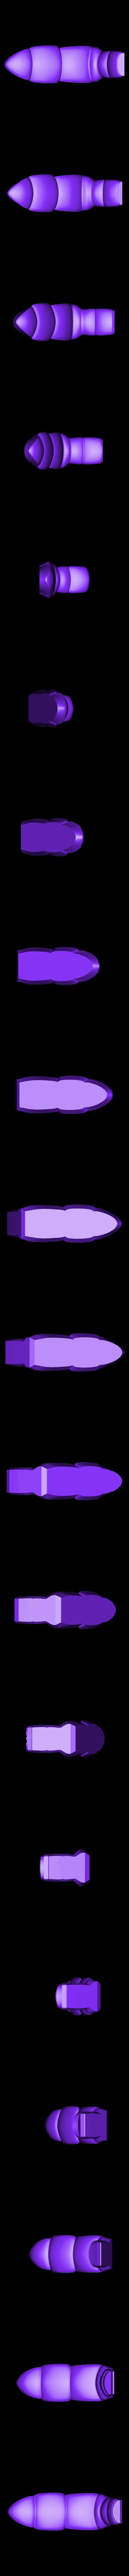 body_bottom_in.stl Télécharger fichier STL gratuit La Chenille • Modèle pour imprimante 3D, reddadsteve